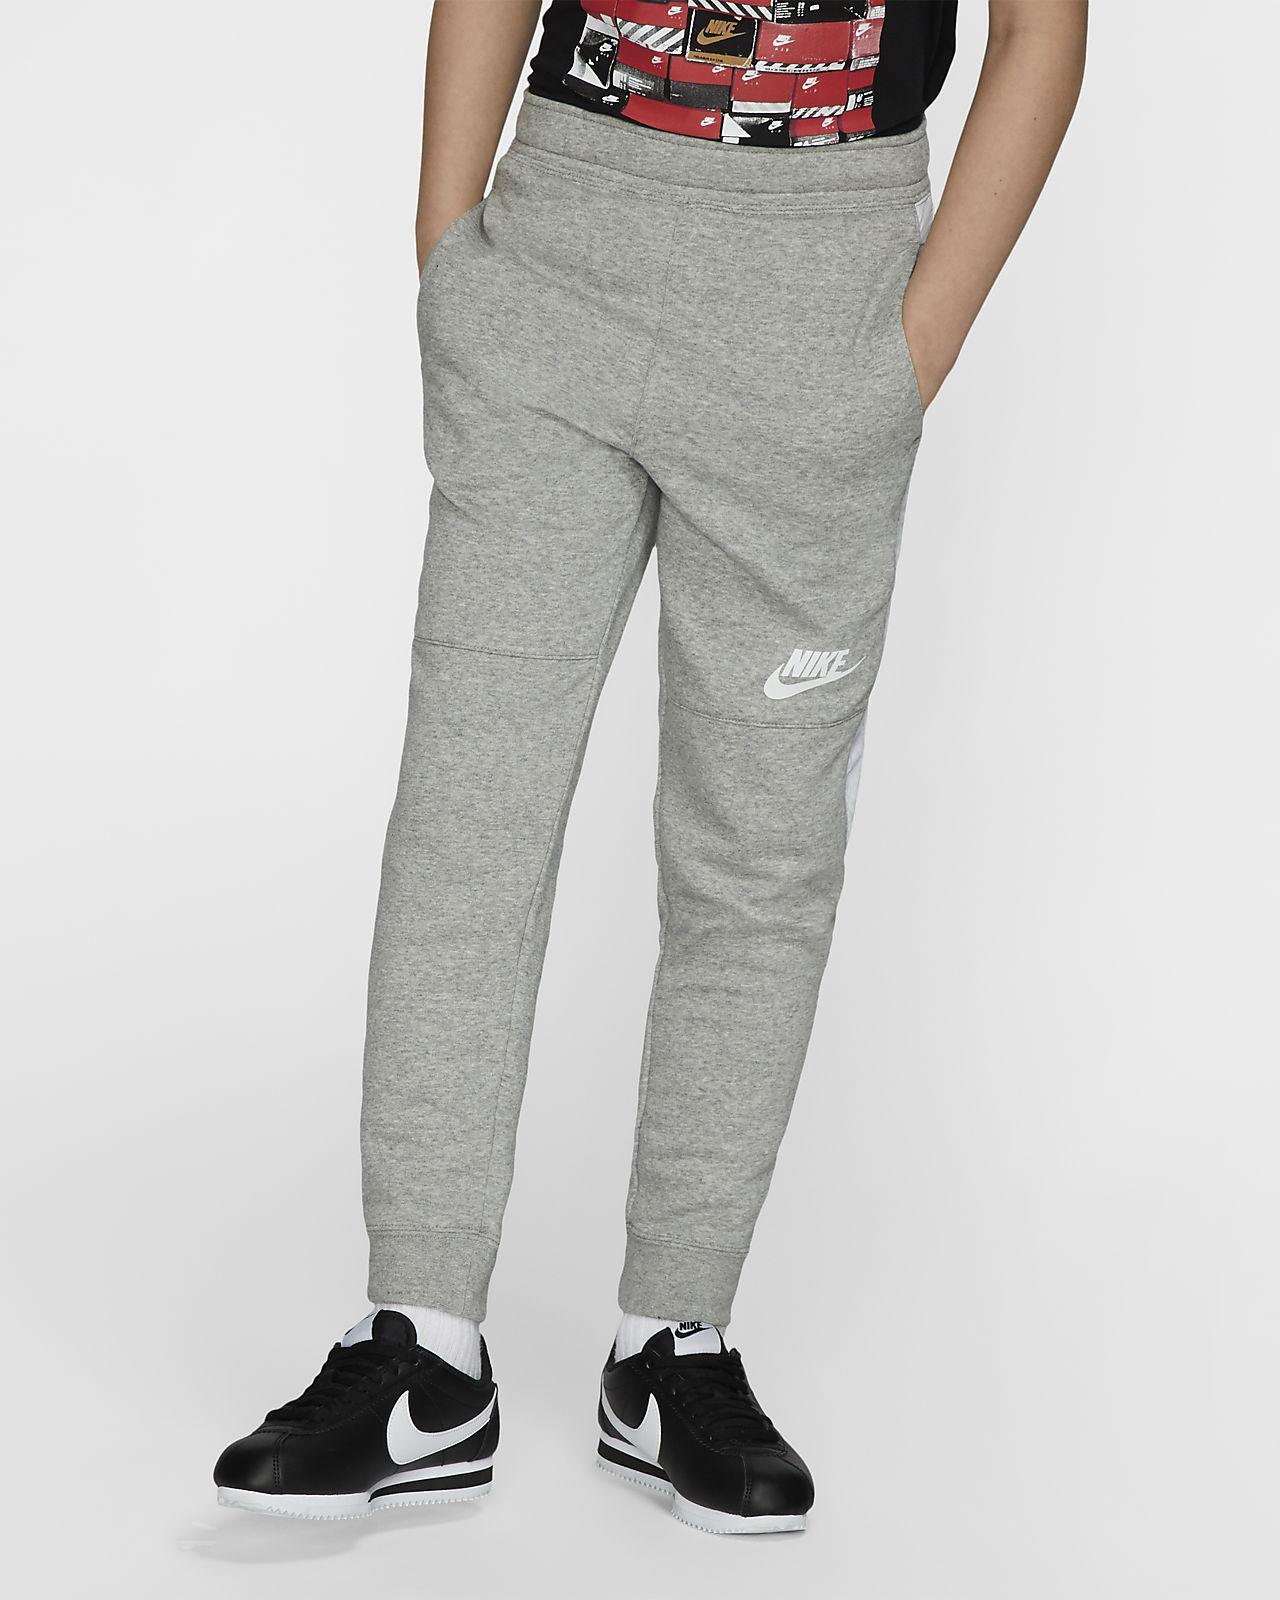 Nike Sportswear Older Kids' Joggers